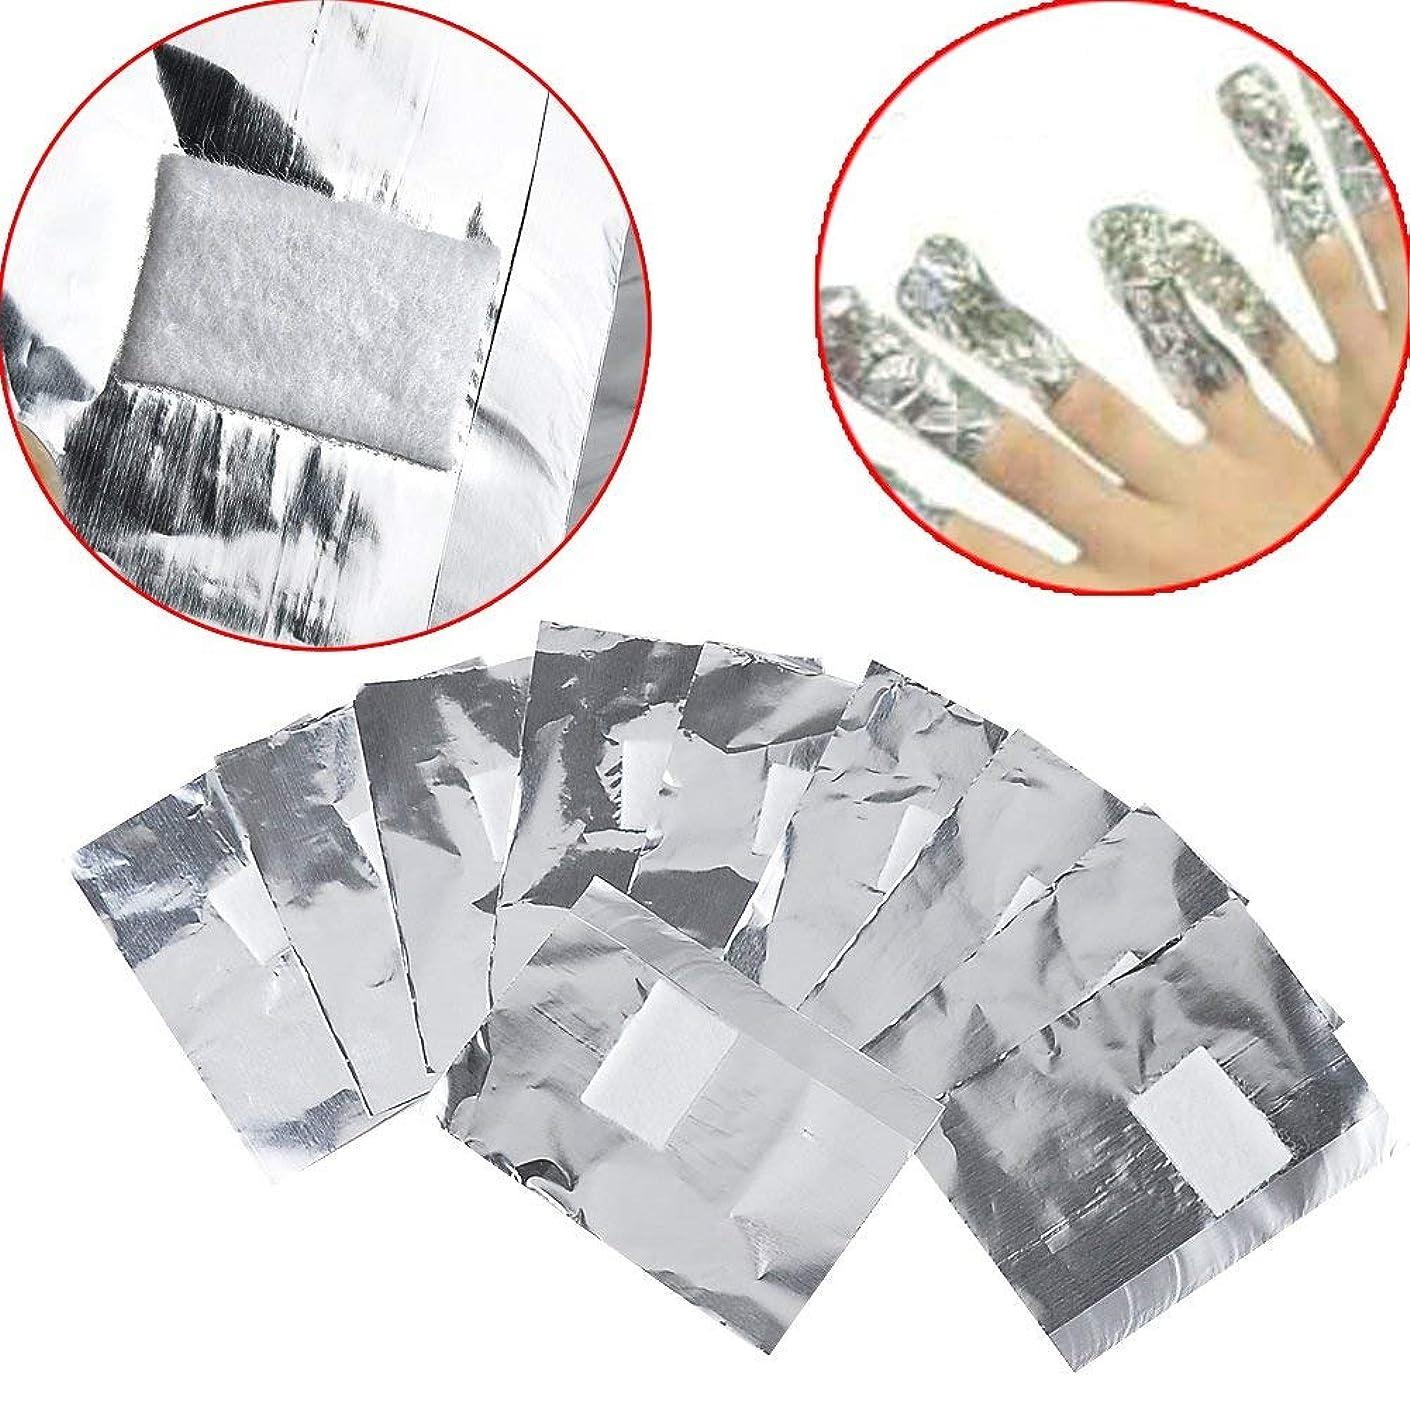 アトミック重くするアクリル UVジェル ネイルポリッシュをきれいにオフ コットン付きアルミホイル 素敵な在宅ゲル爪マニキュア用品200pcs